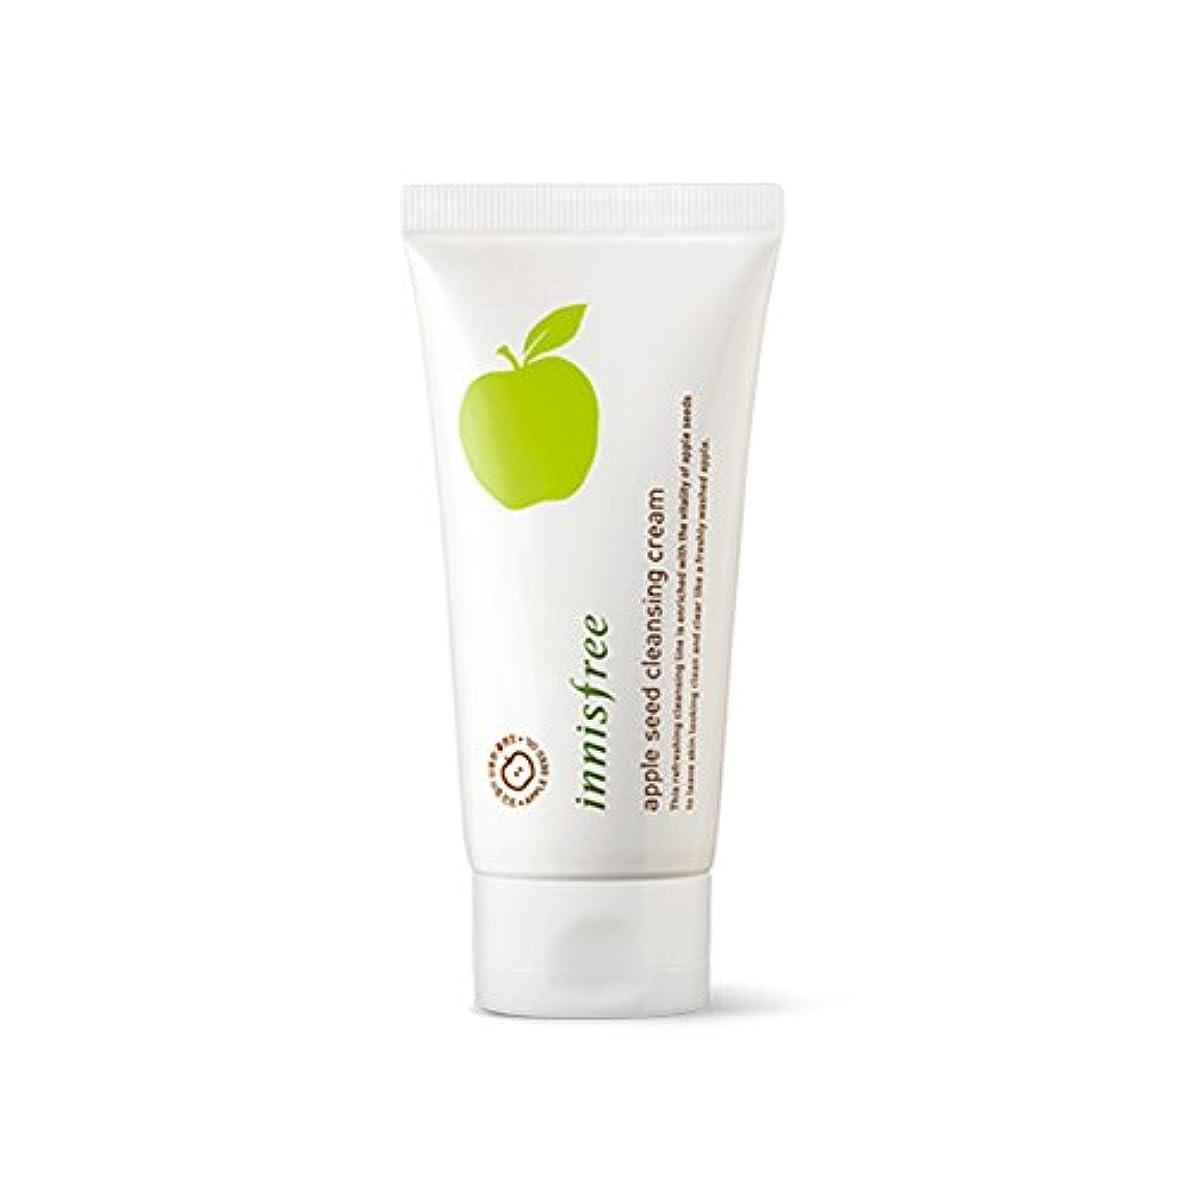 状態王朝ロケーションイニスフリーアップルシードクレンジングクリーム150ml / Innisfree Apple Seed Cleansing Cream 150ml [海外直送品][並行輸入品]